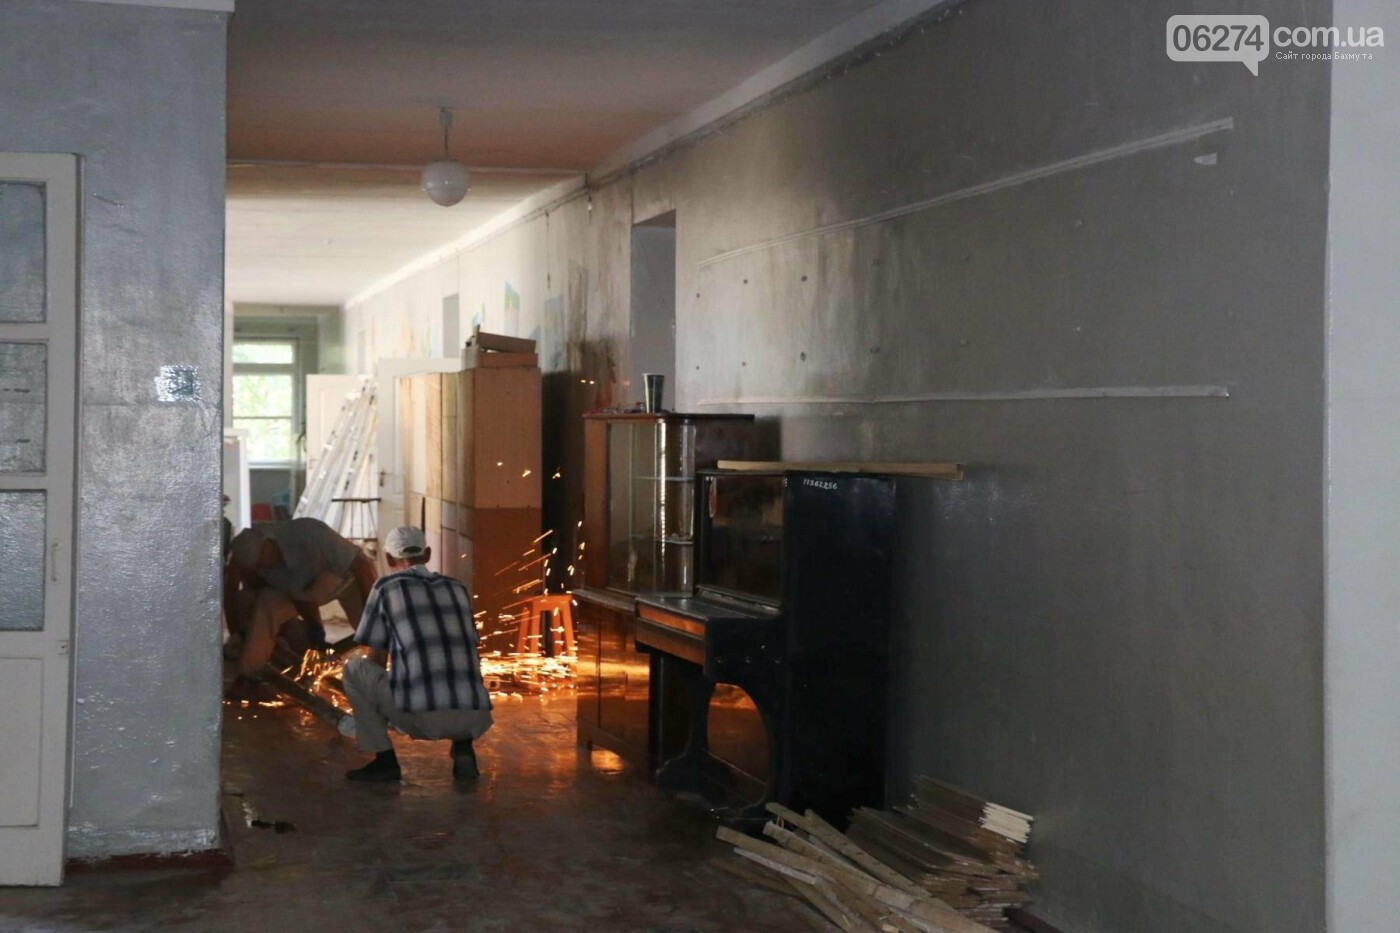 В Бахмуте проходит реконструкция двух школ, фото-12